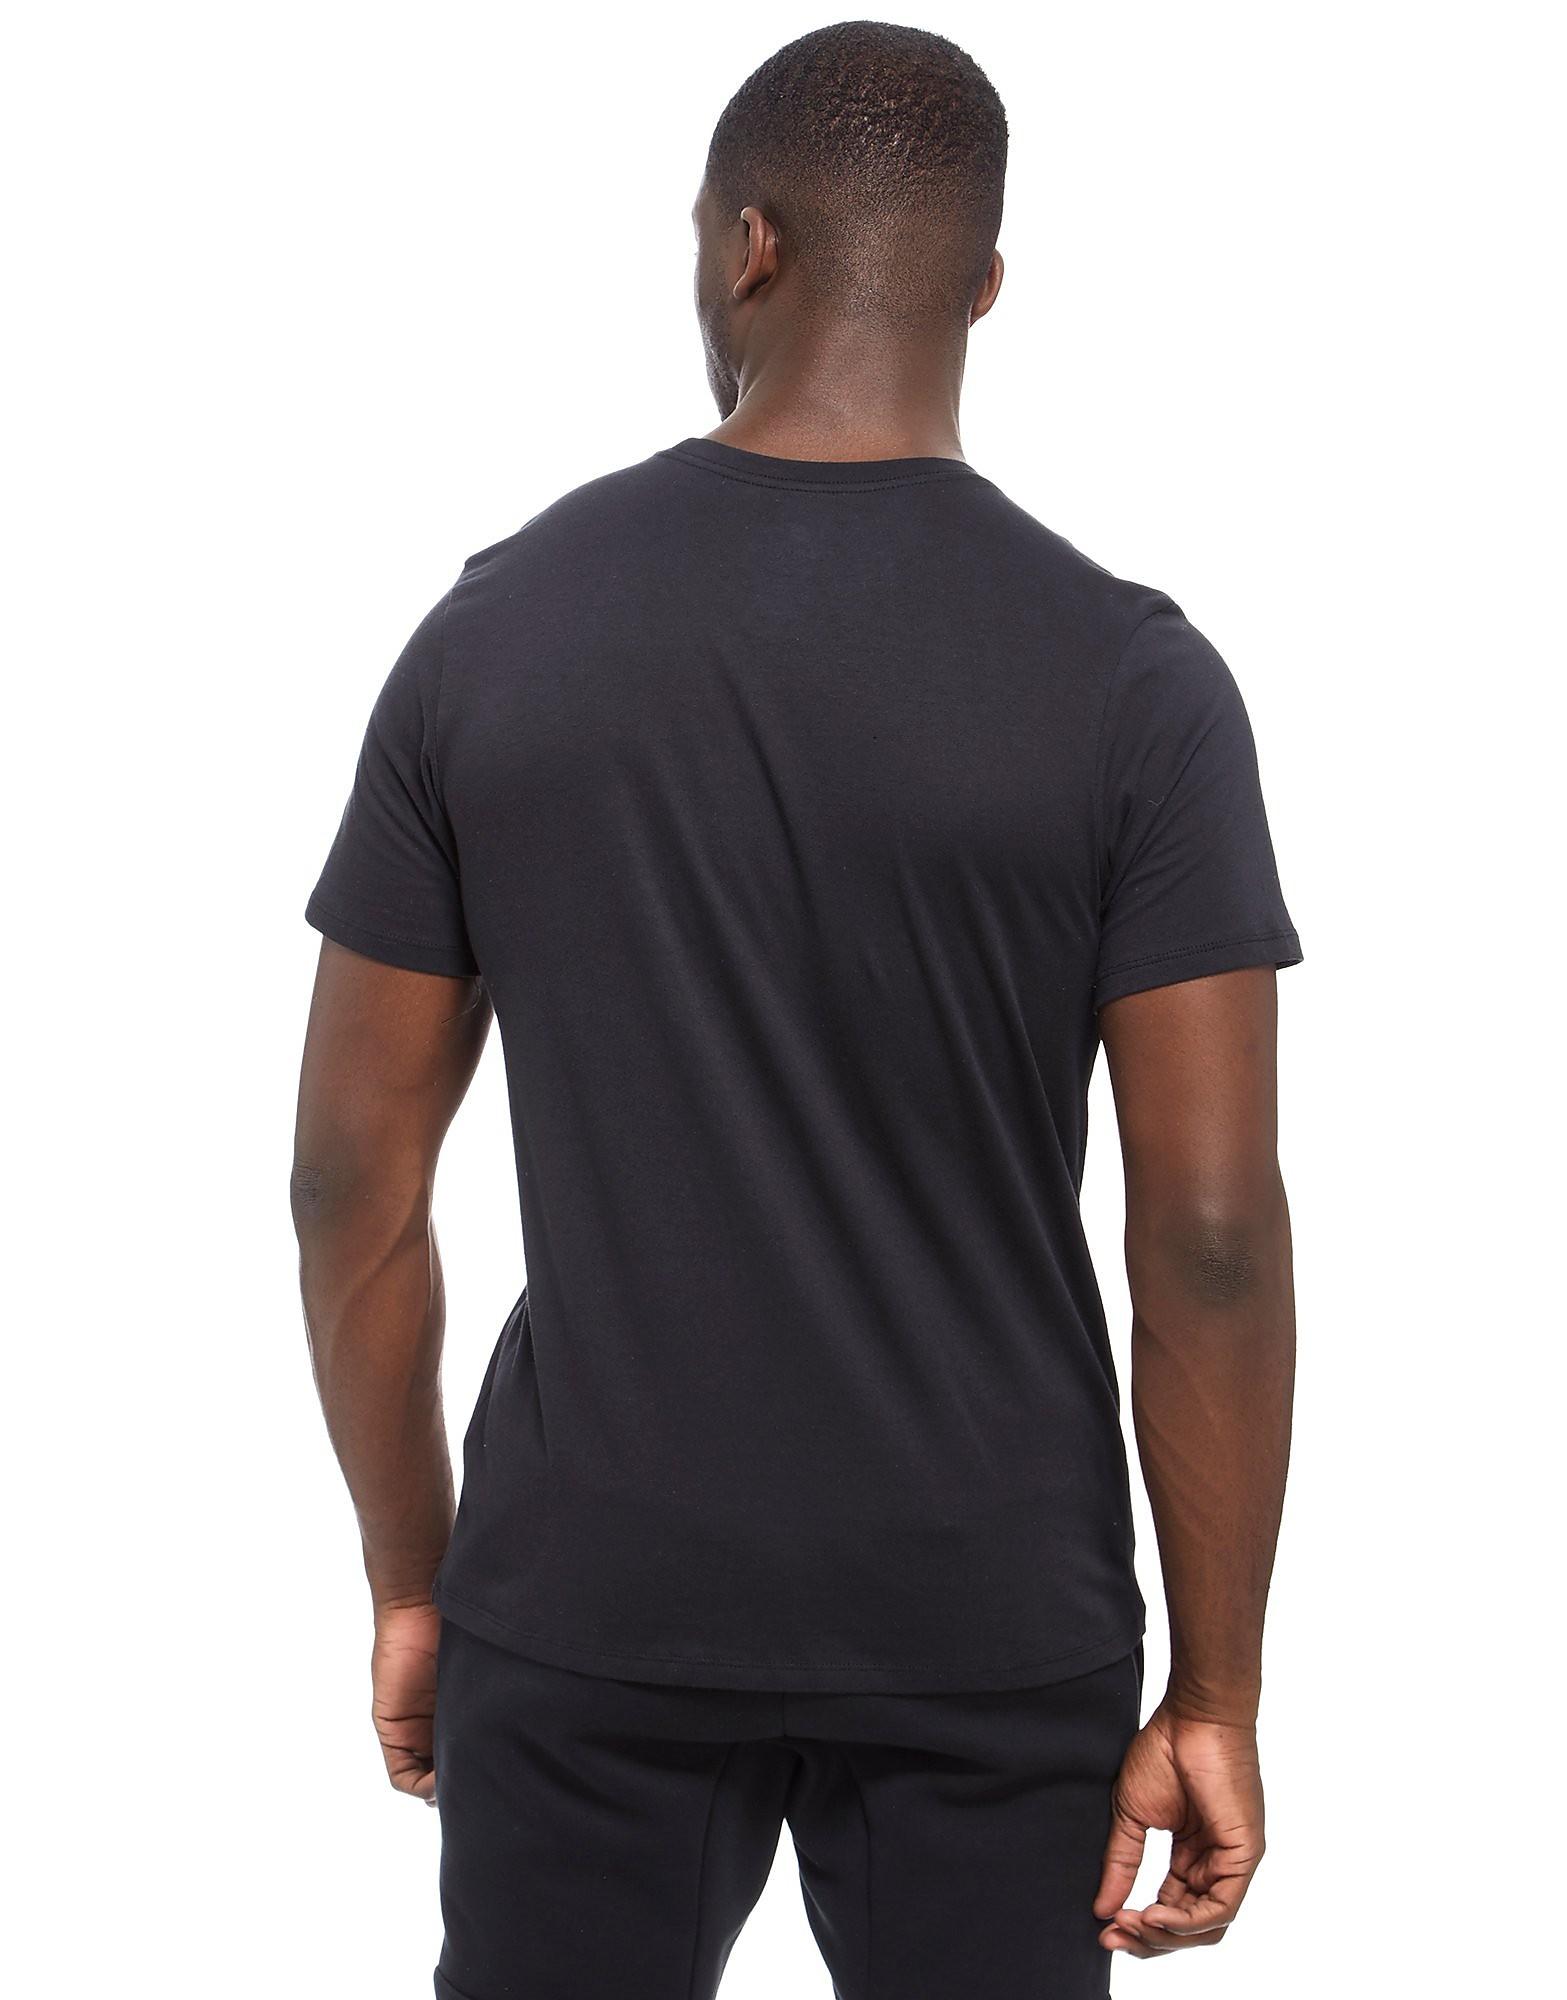 Nike Air Max 97 T-Shirt